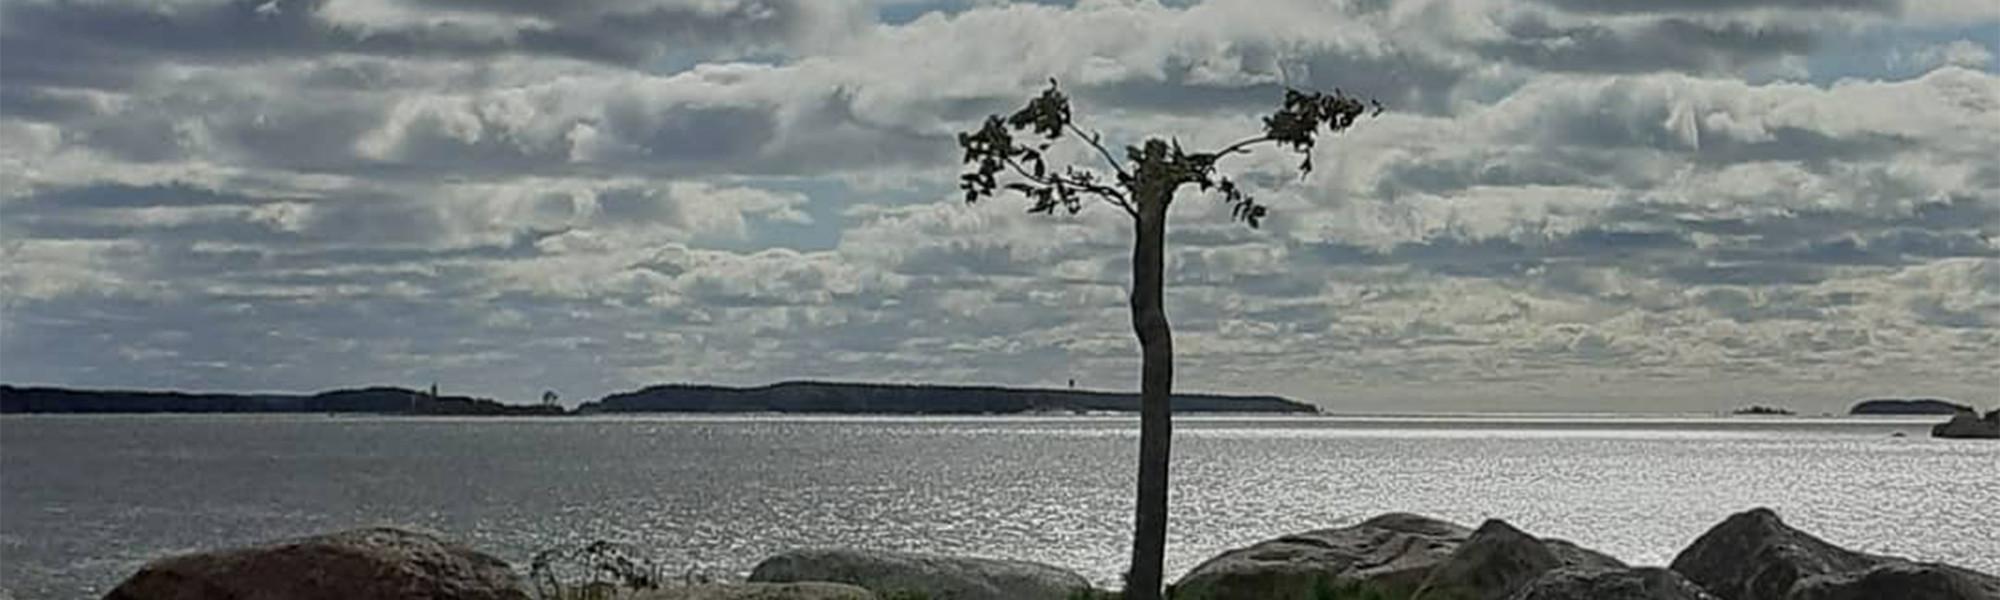 Yksinäinen saarnipuu Kuusisessa